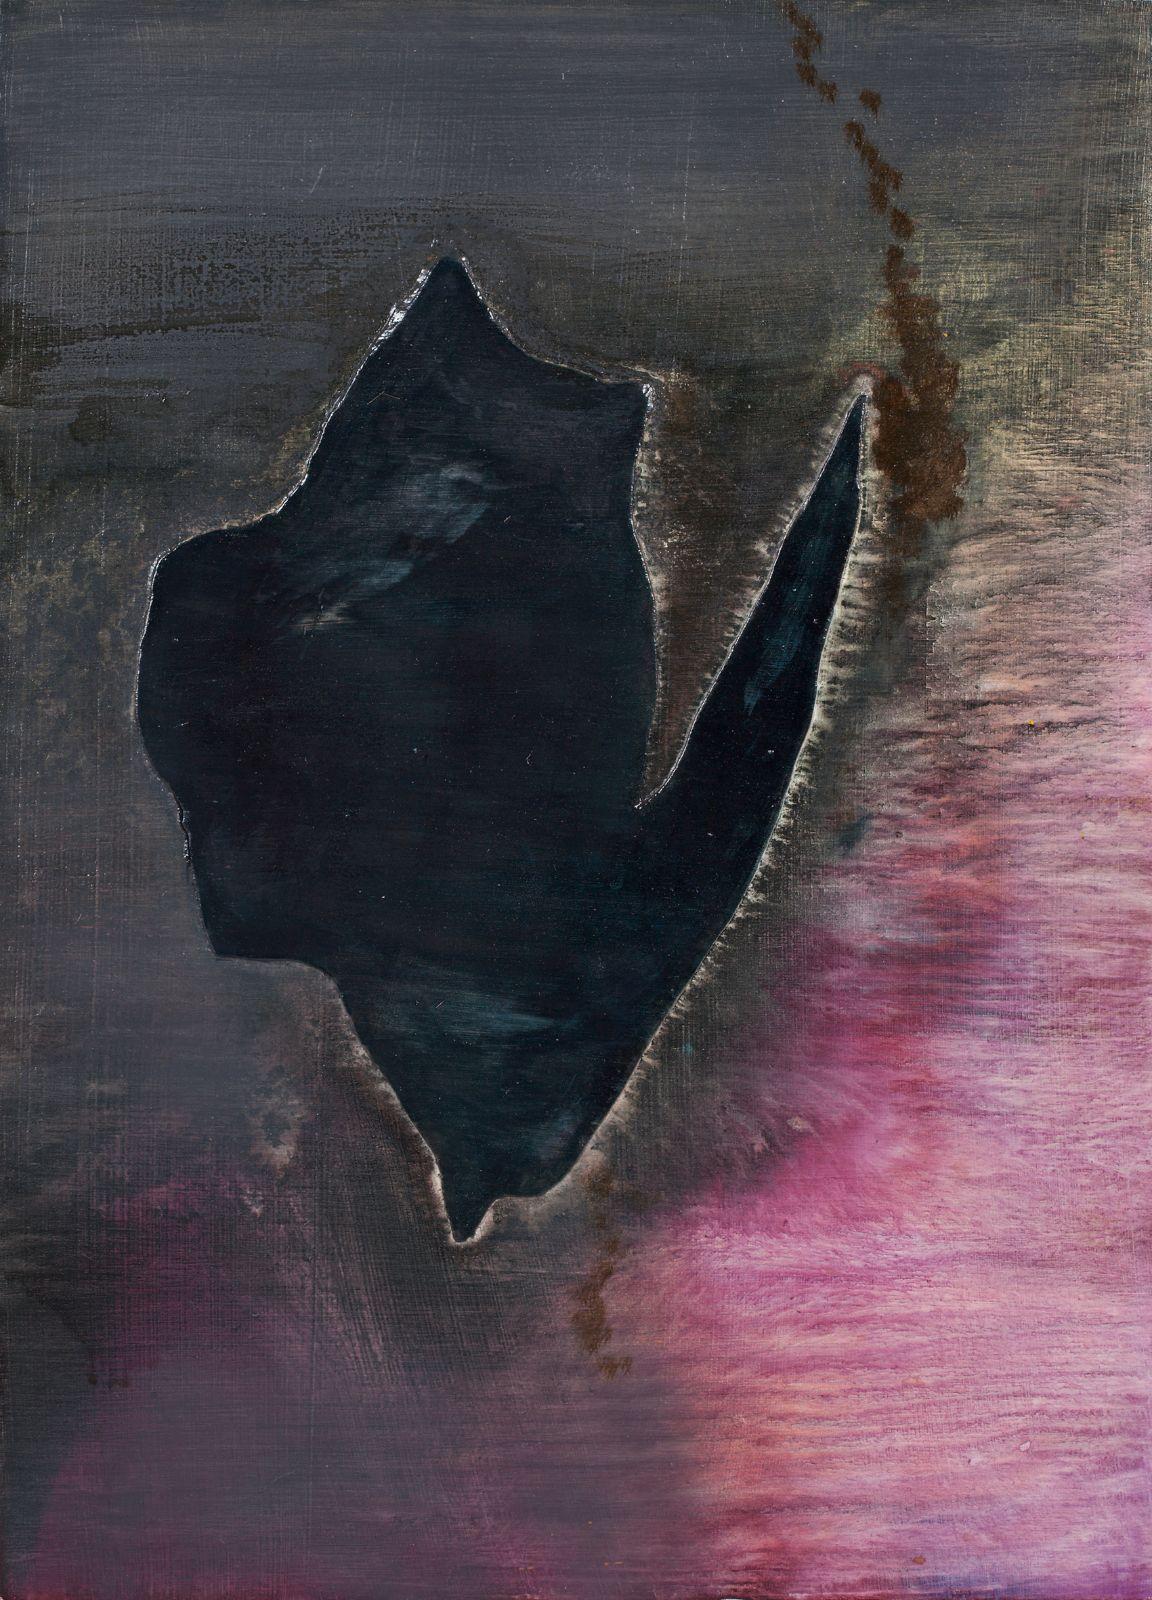 Den ubudne gjest, 2009, oil and acrylic on canvas on panel, 52.5 x 37.5 cm